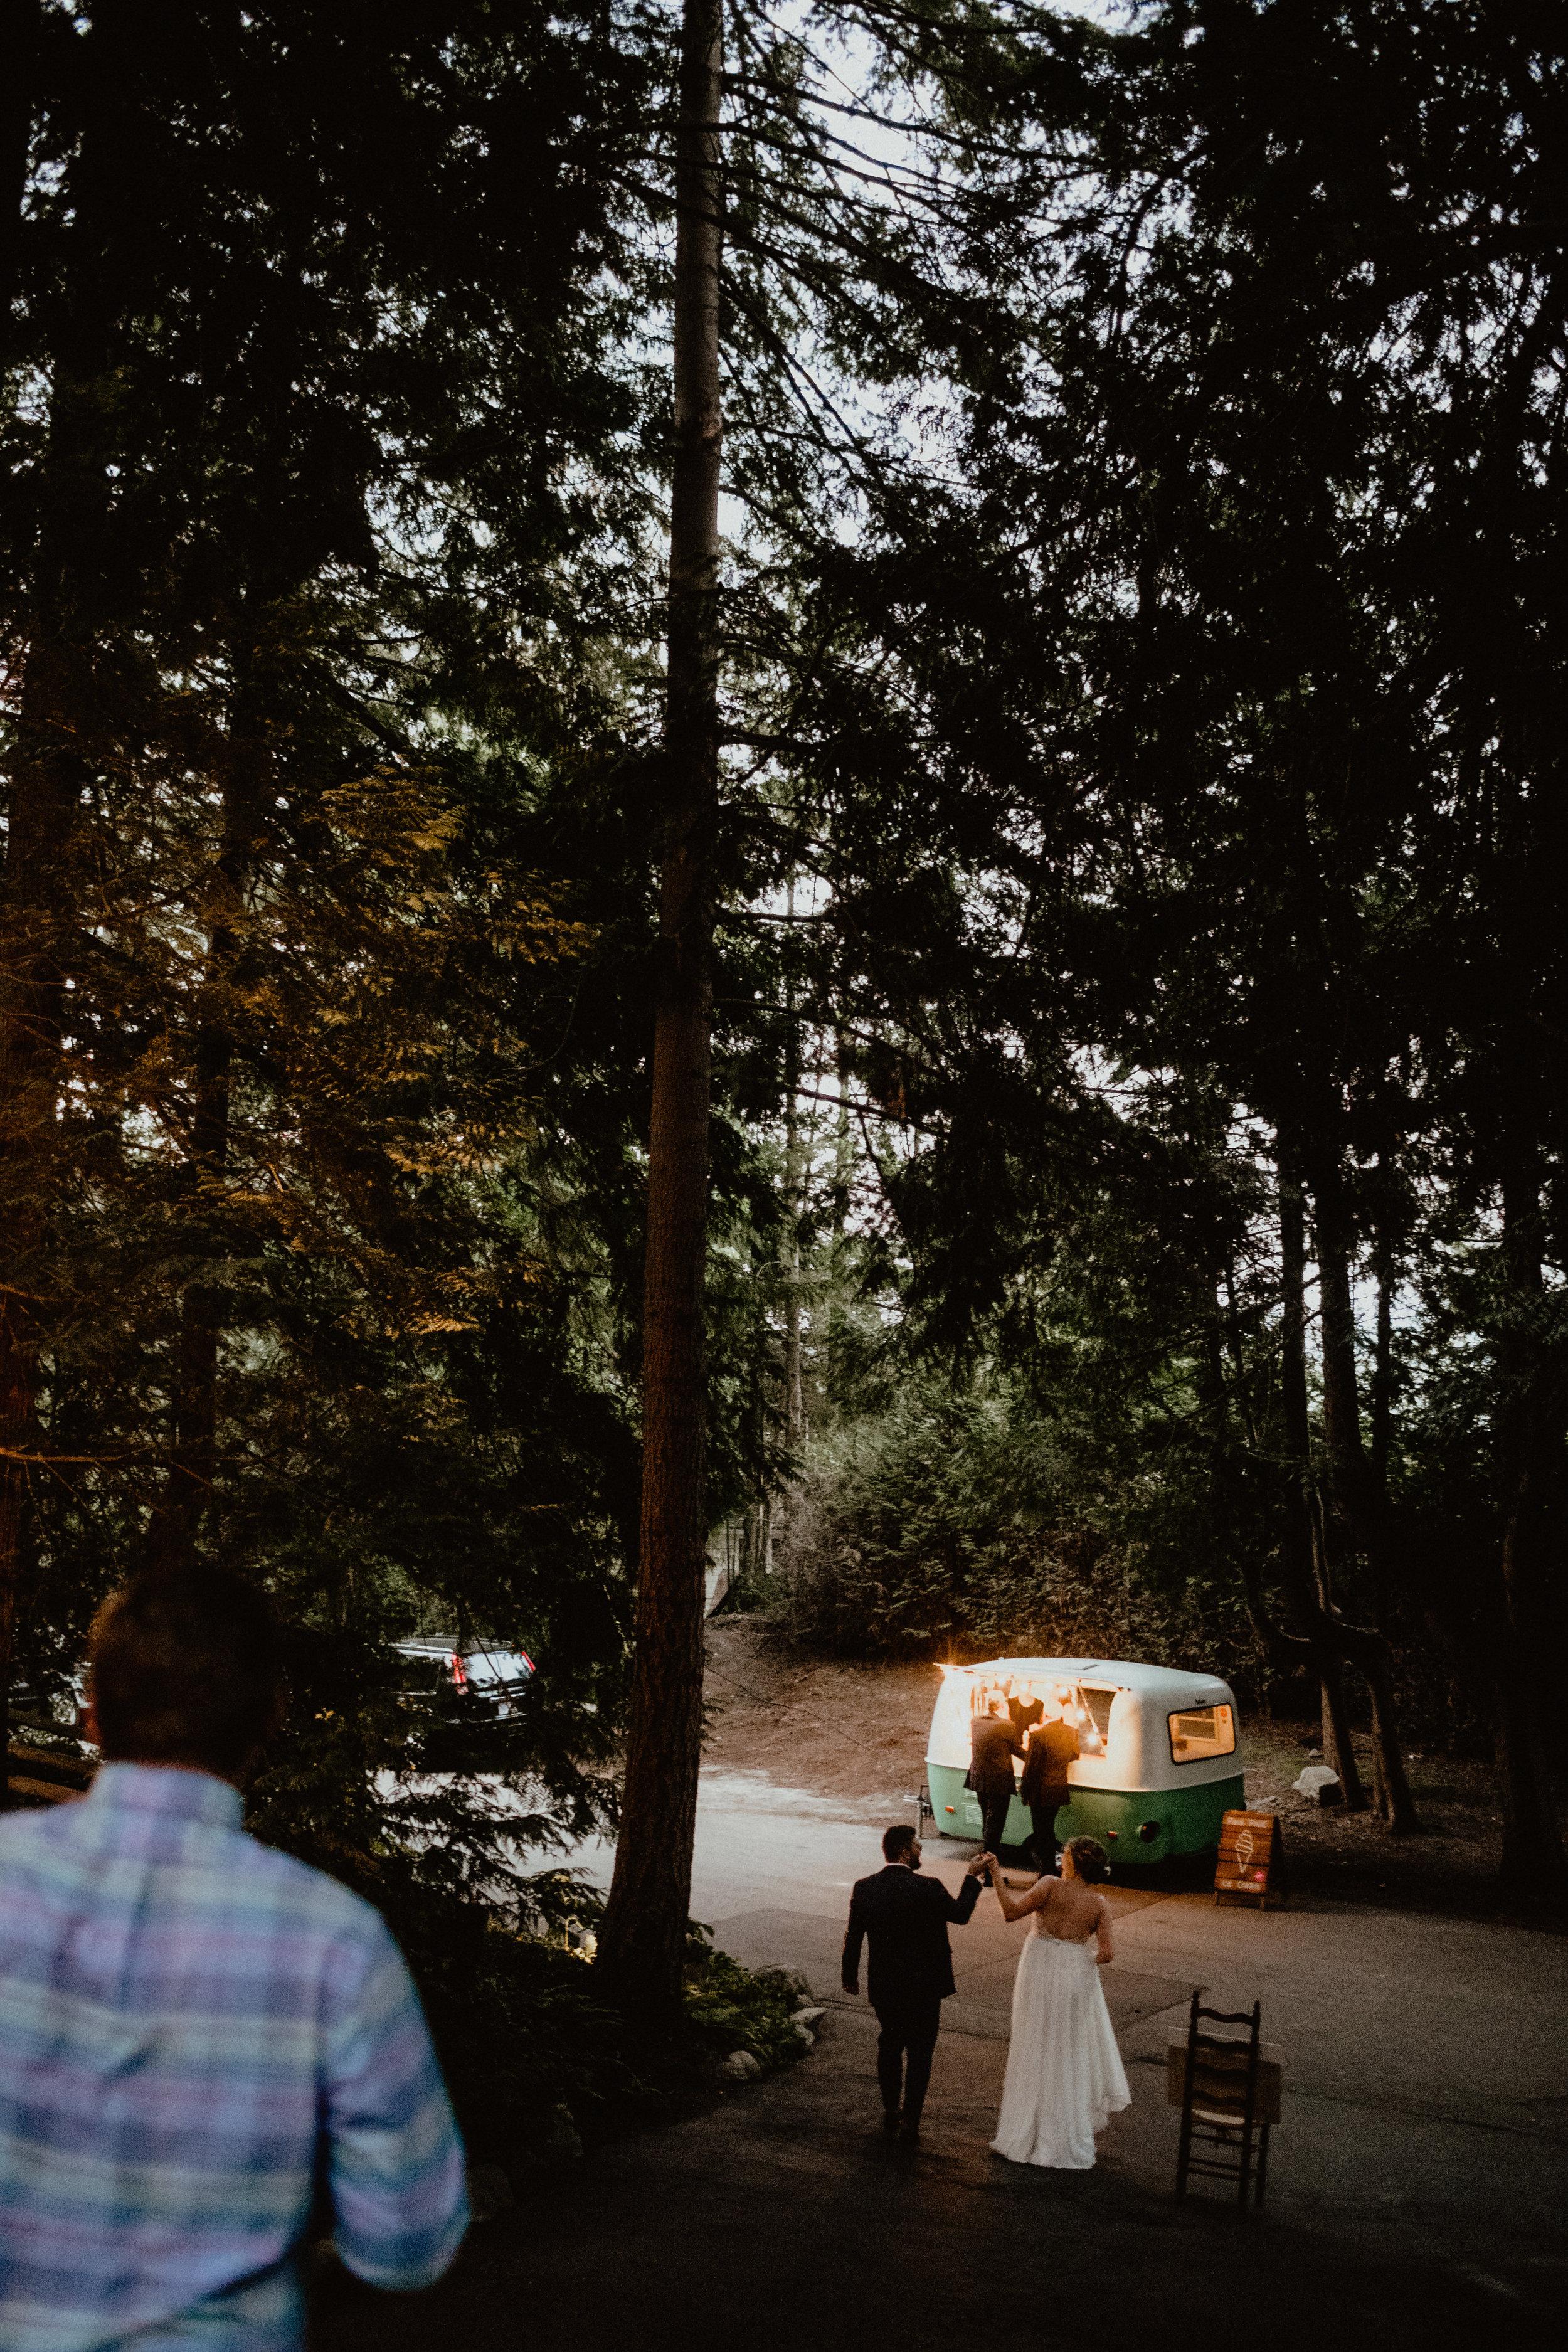 west-vancouver-backyard-wedding-310.jpg